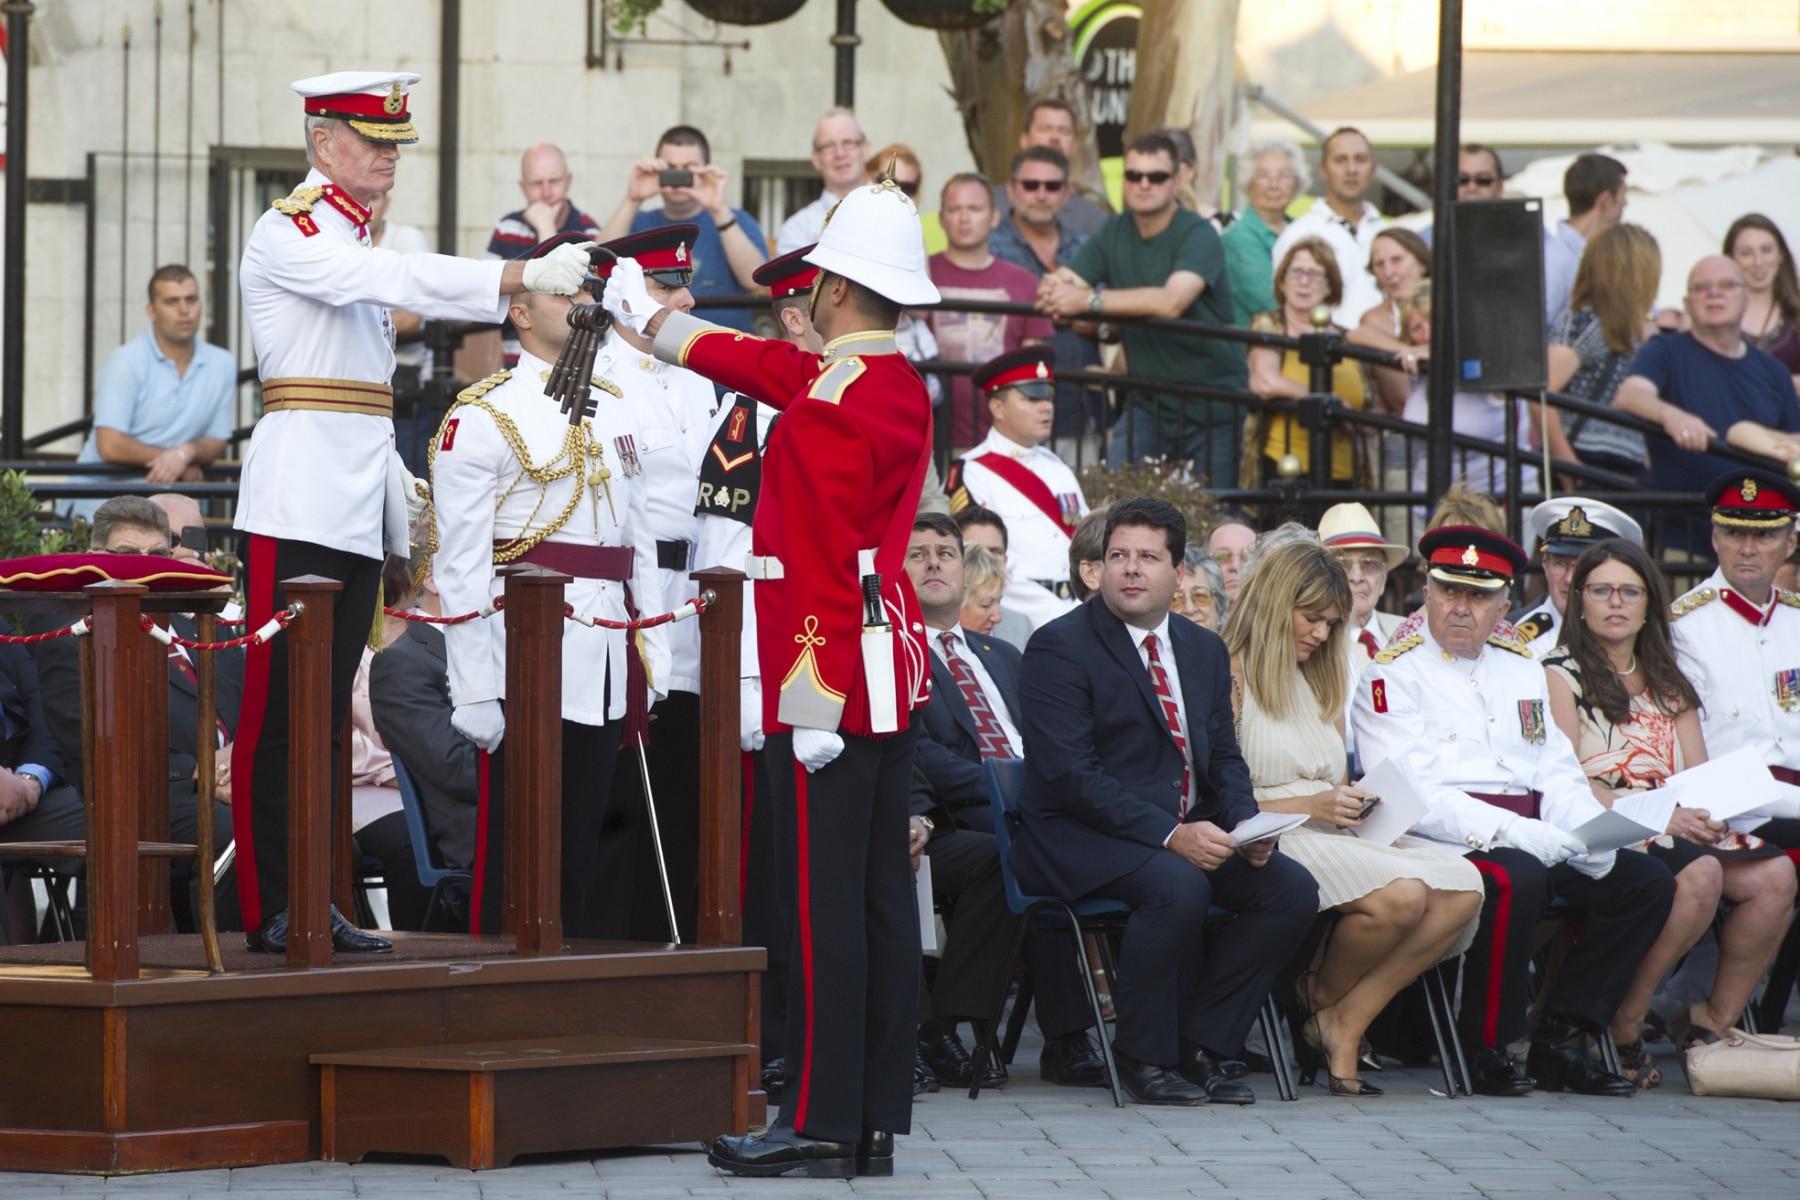 ceremonia-de-las-llaves-gibraltar-25092014-20_15354667001_o